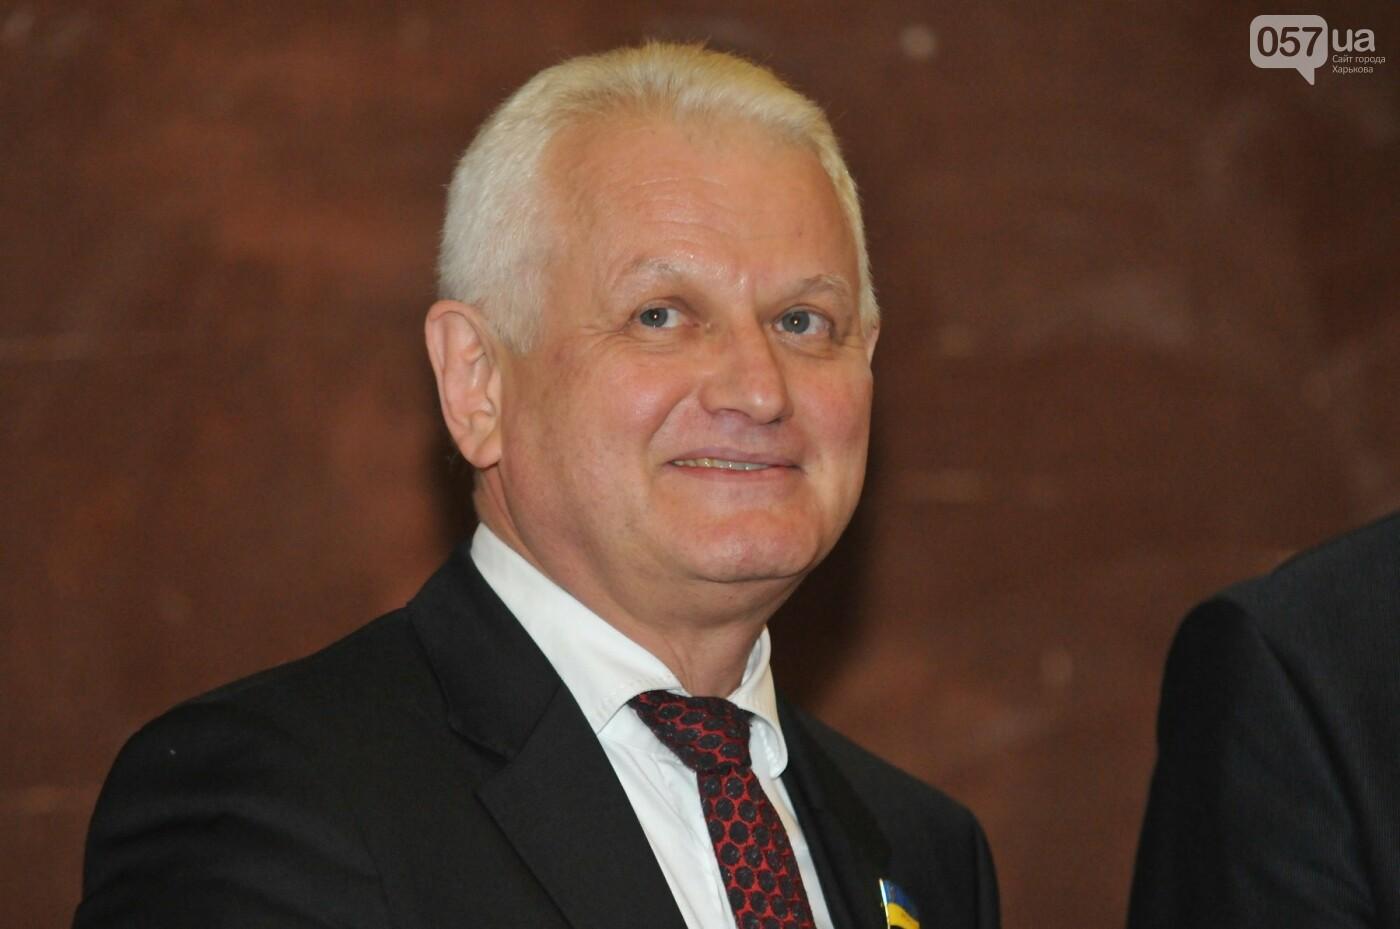 Руководитель комитета ВР по образованию и науке встретился с харьковскими педагогами, фото-3